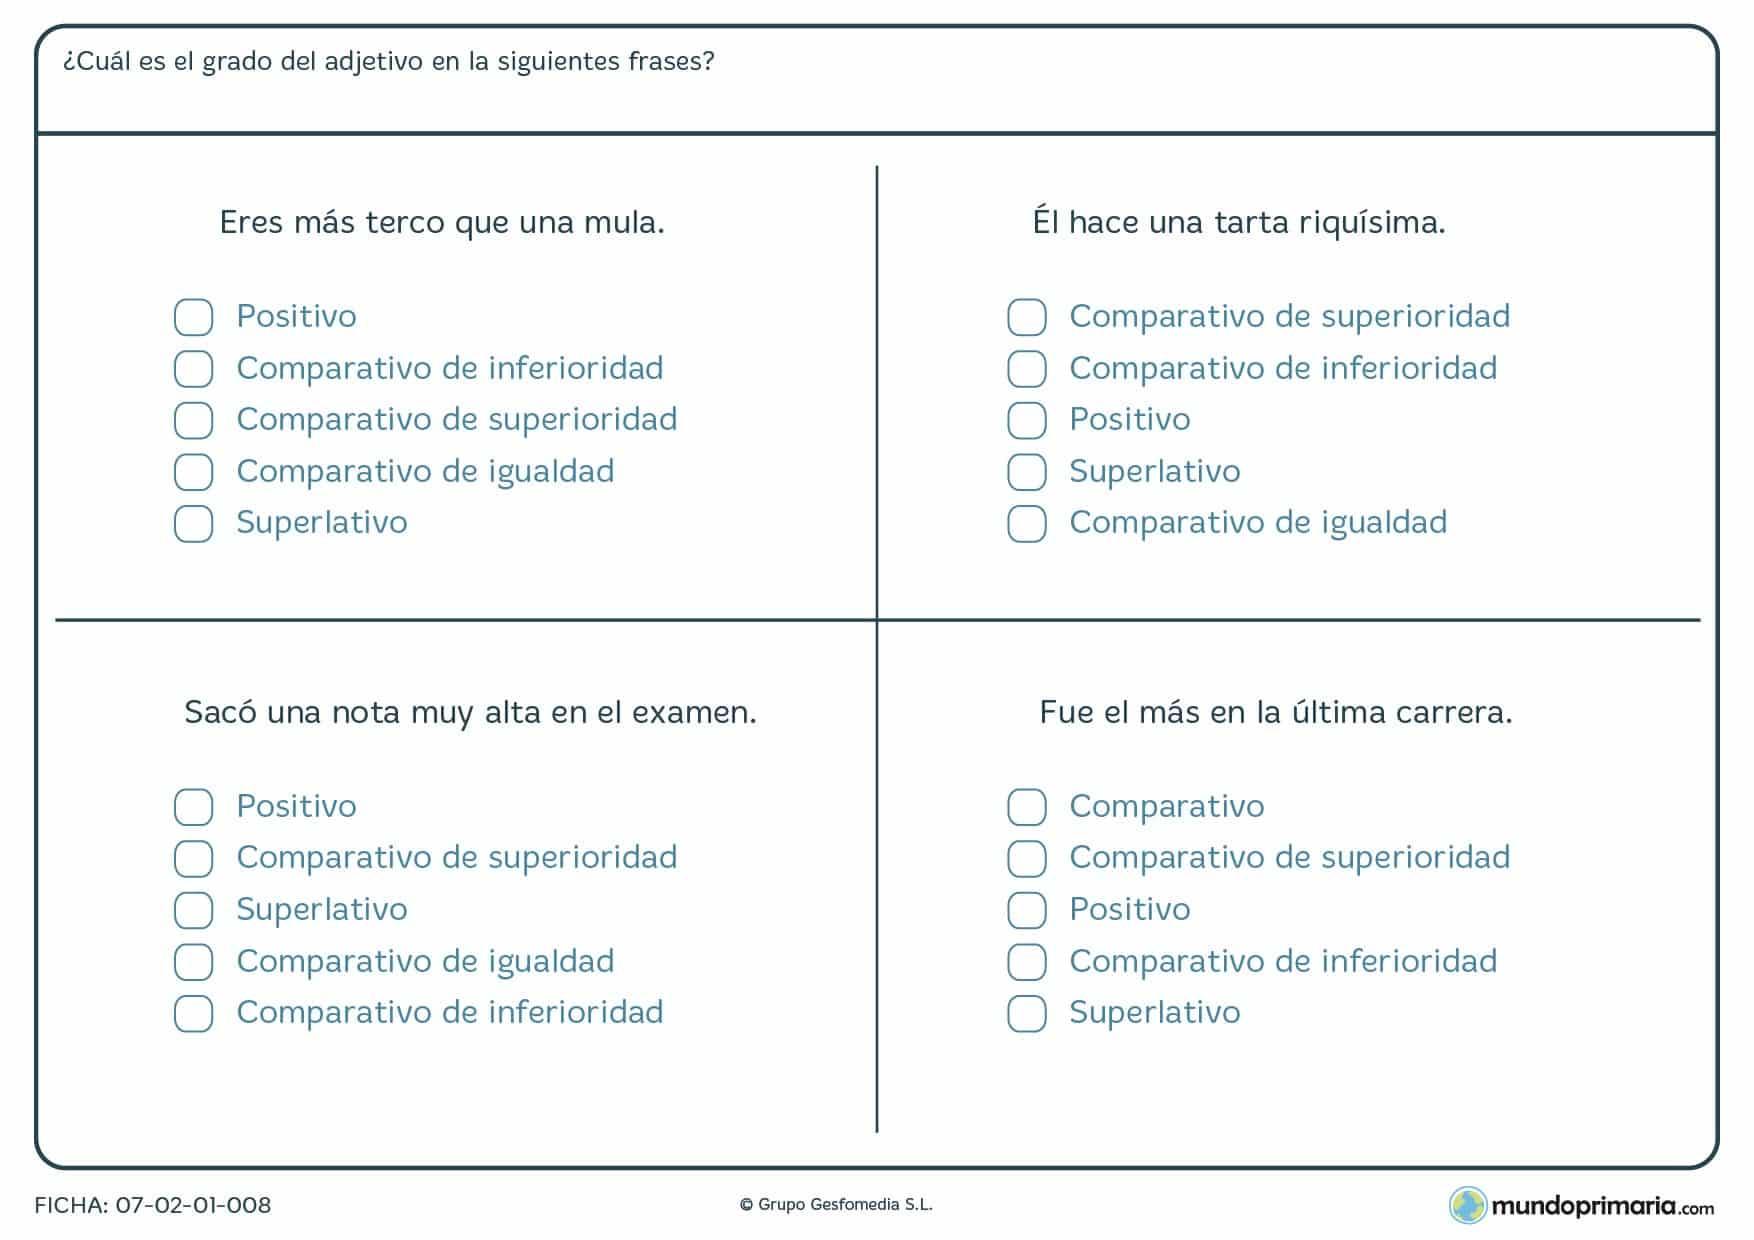 Ficha de frases y grados del adjetivo para niños que estudian Primaria